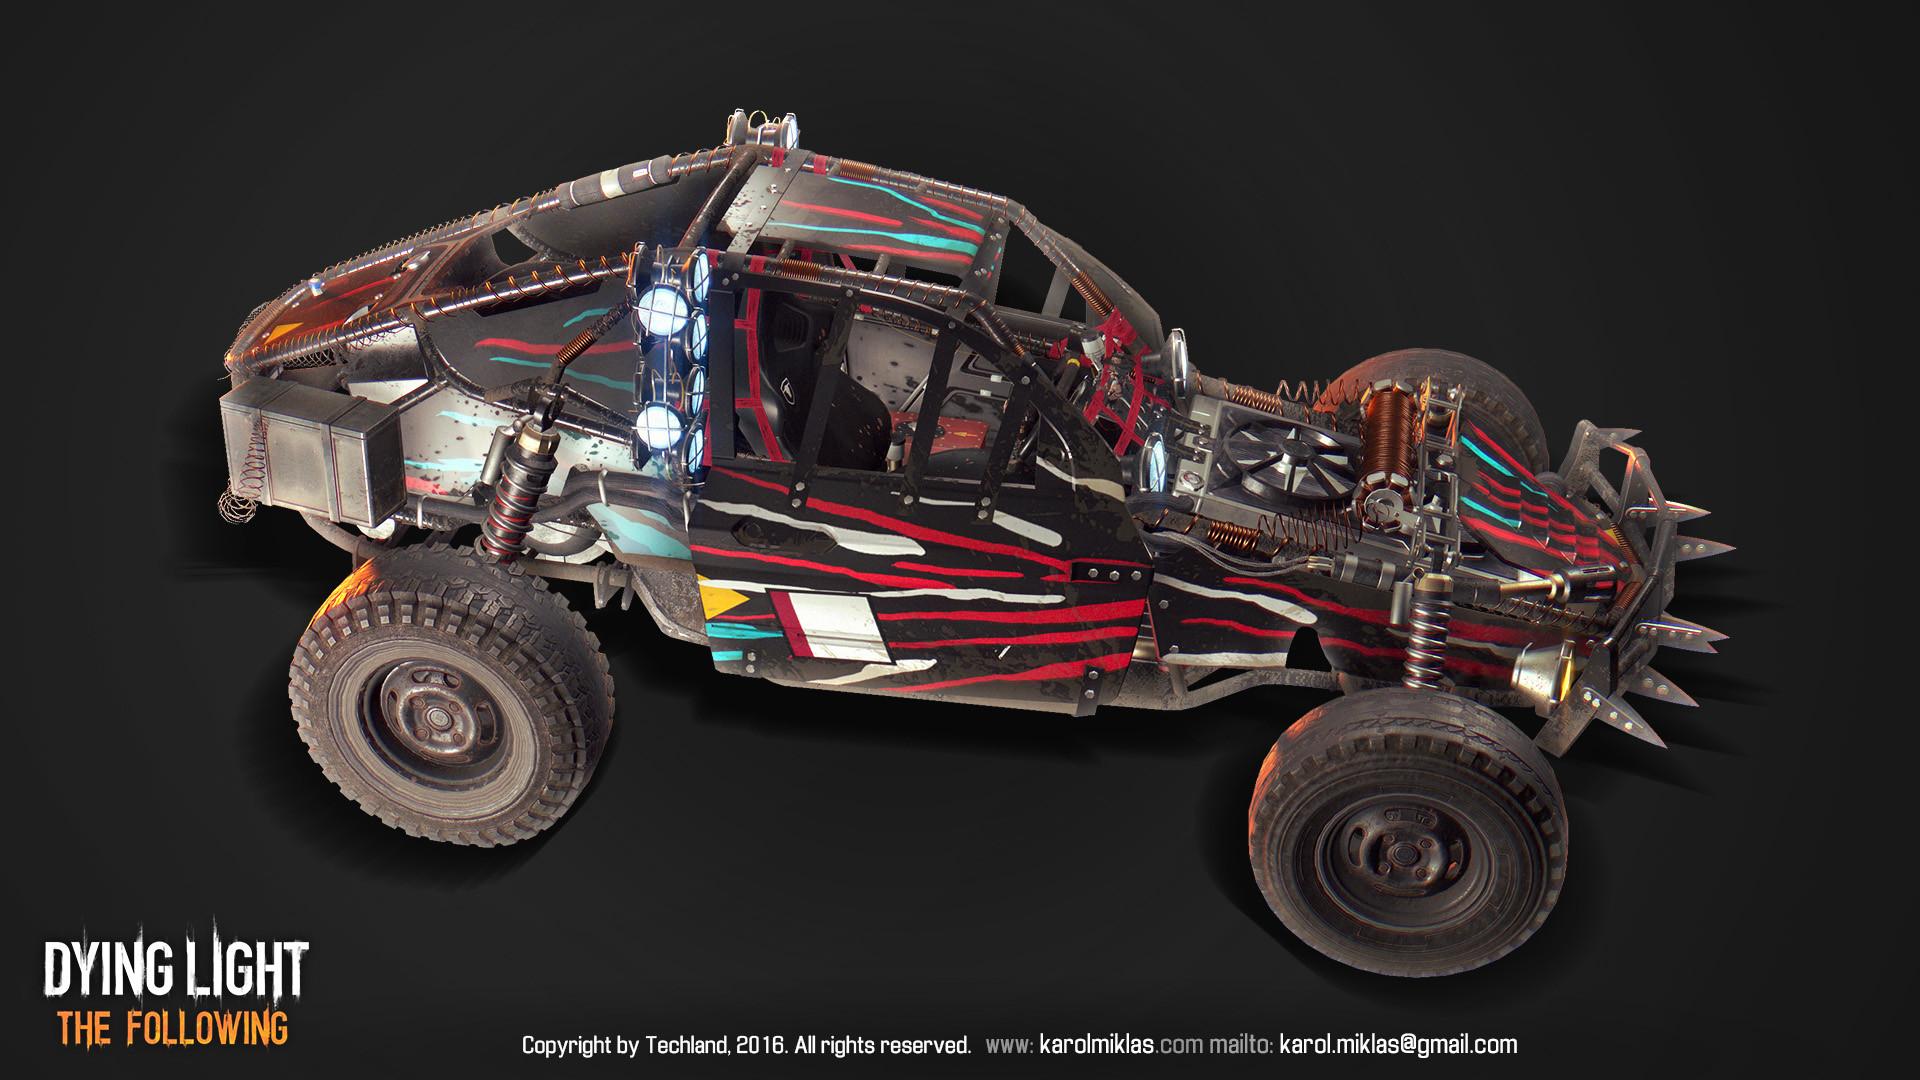 karol-miklas-buggy-skin-19.jpg